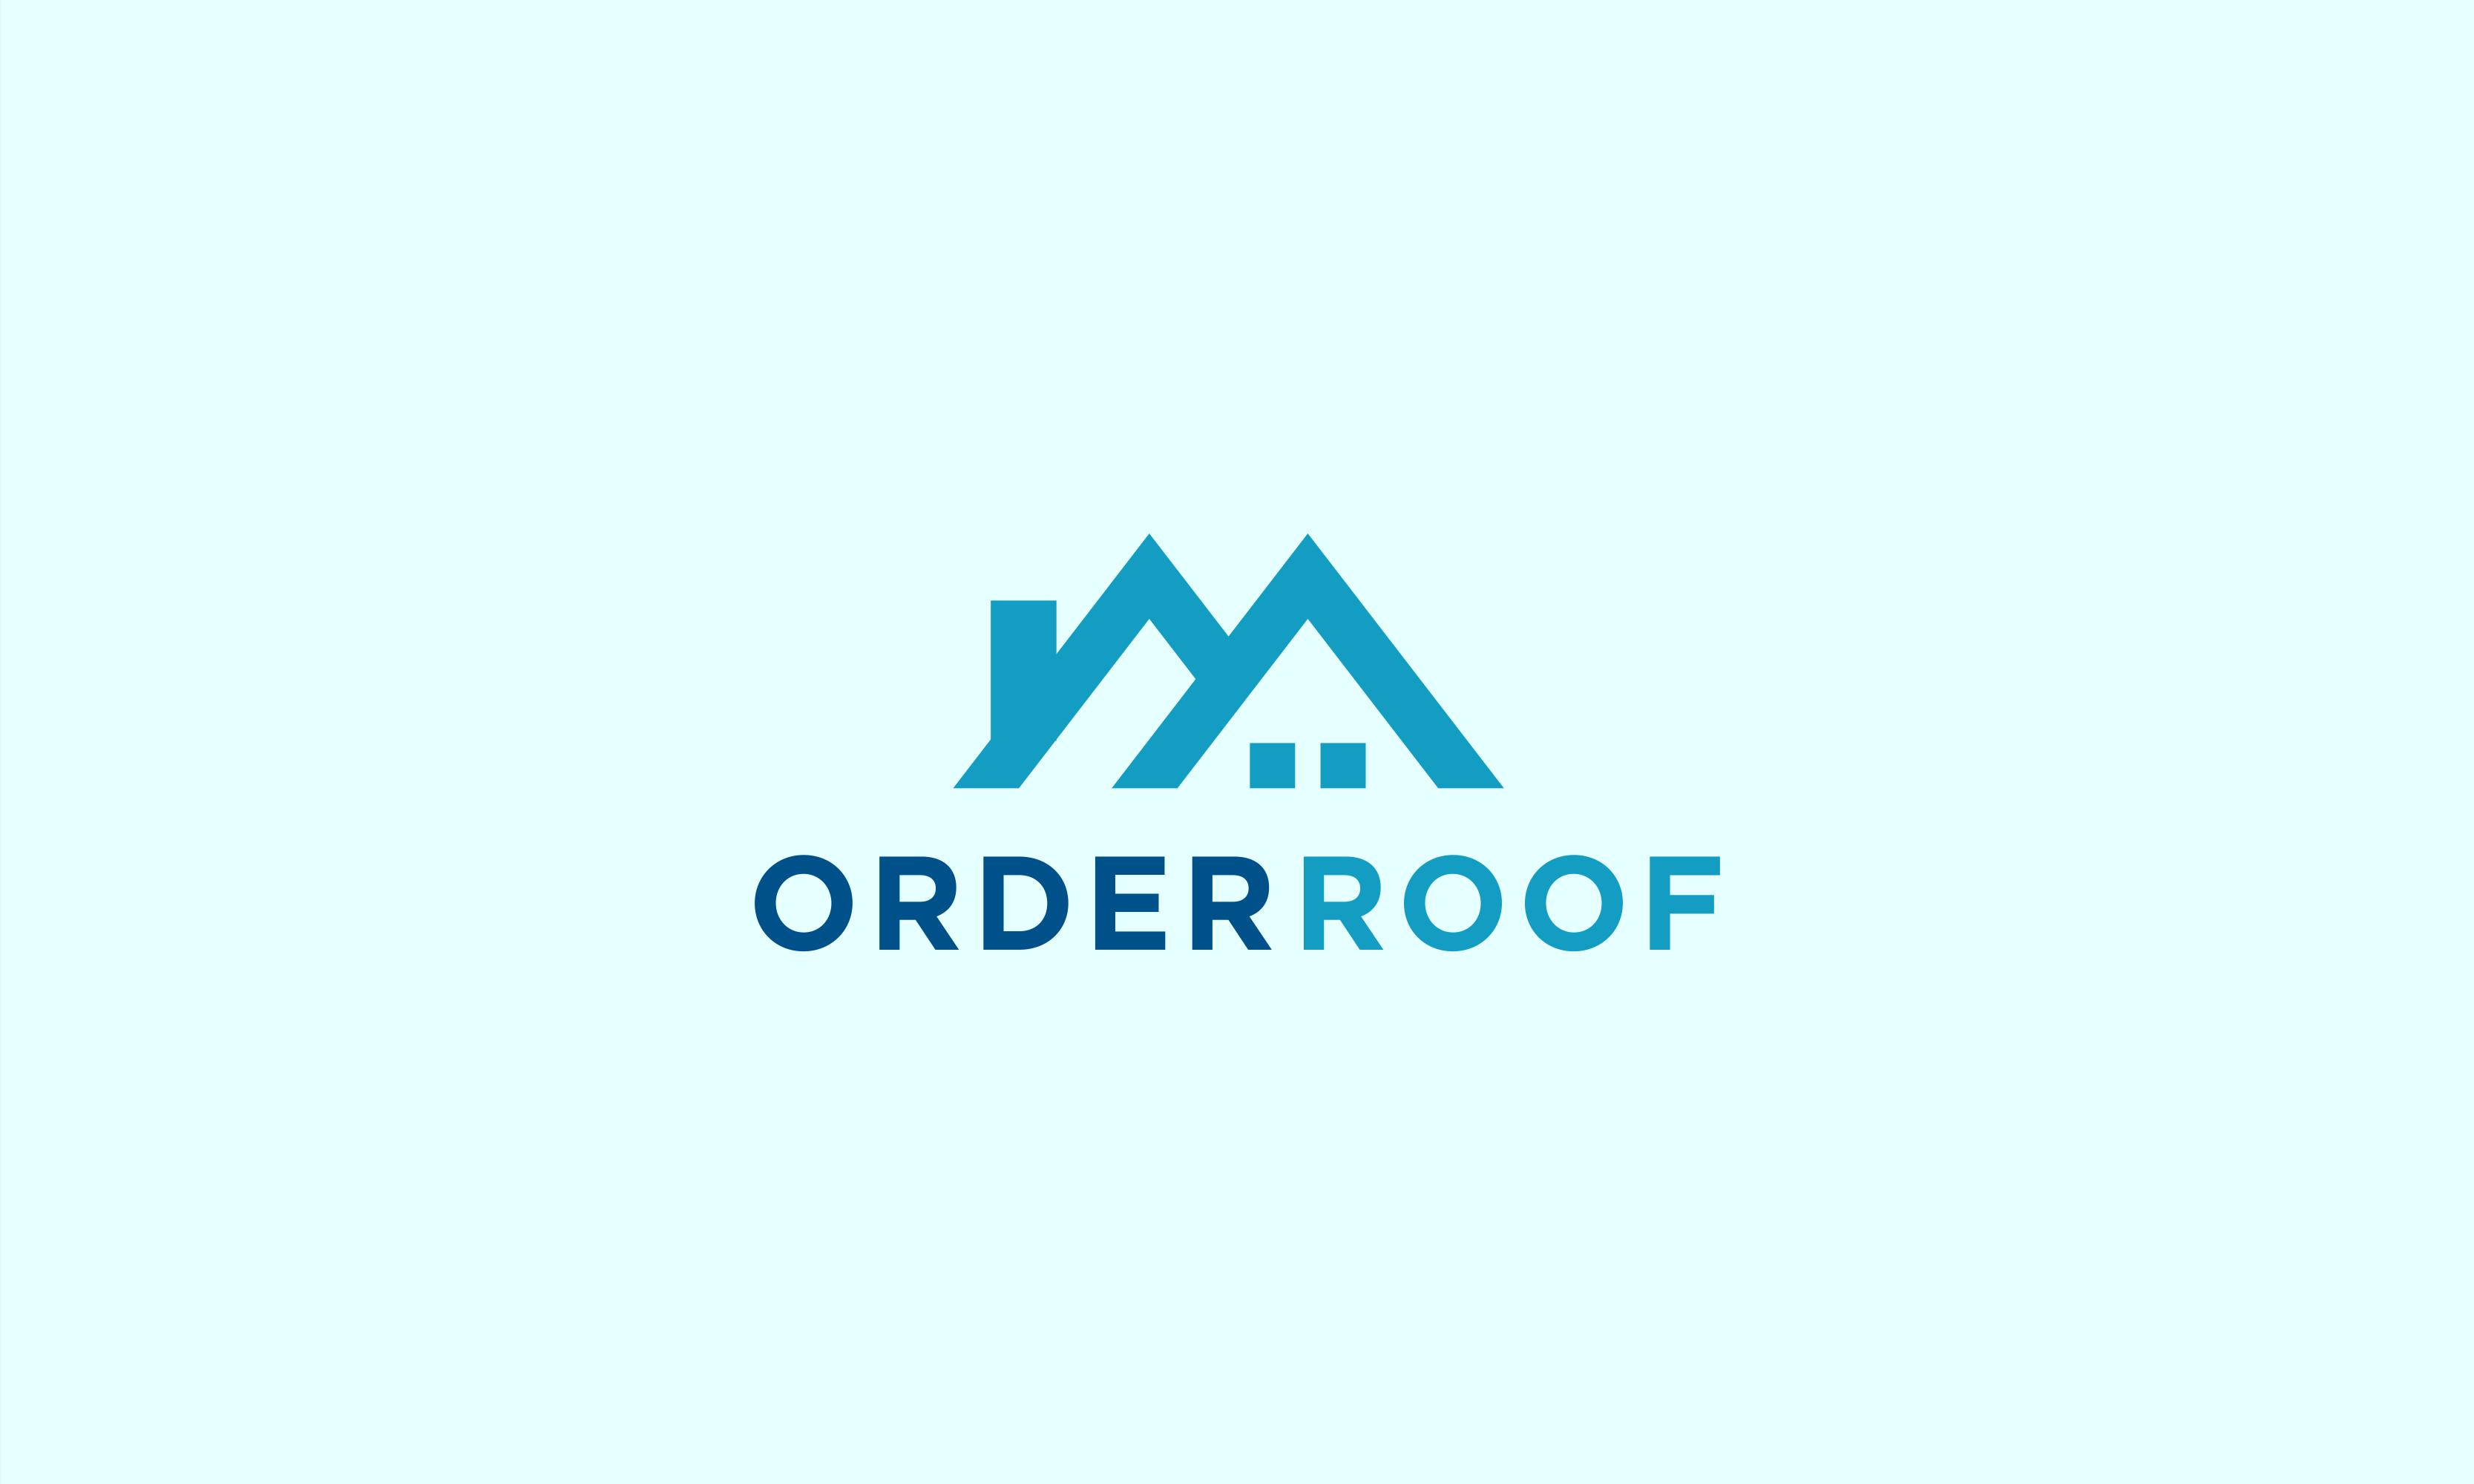 Orderroof